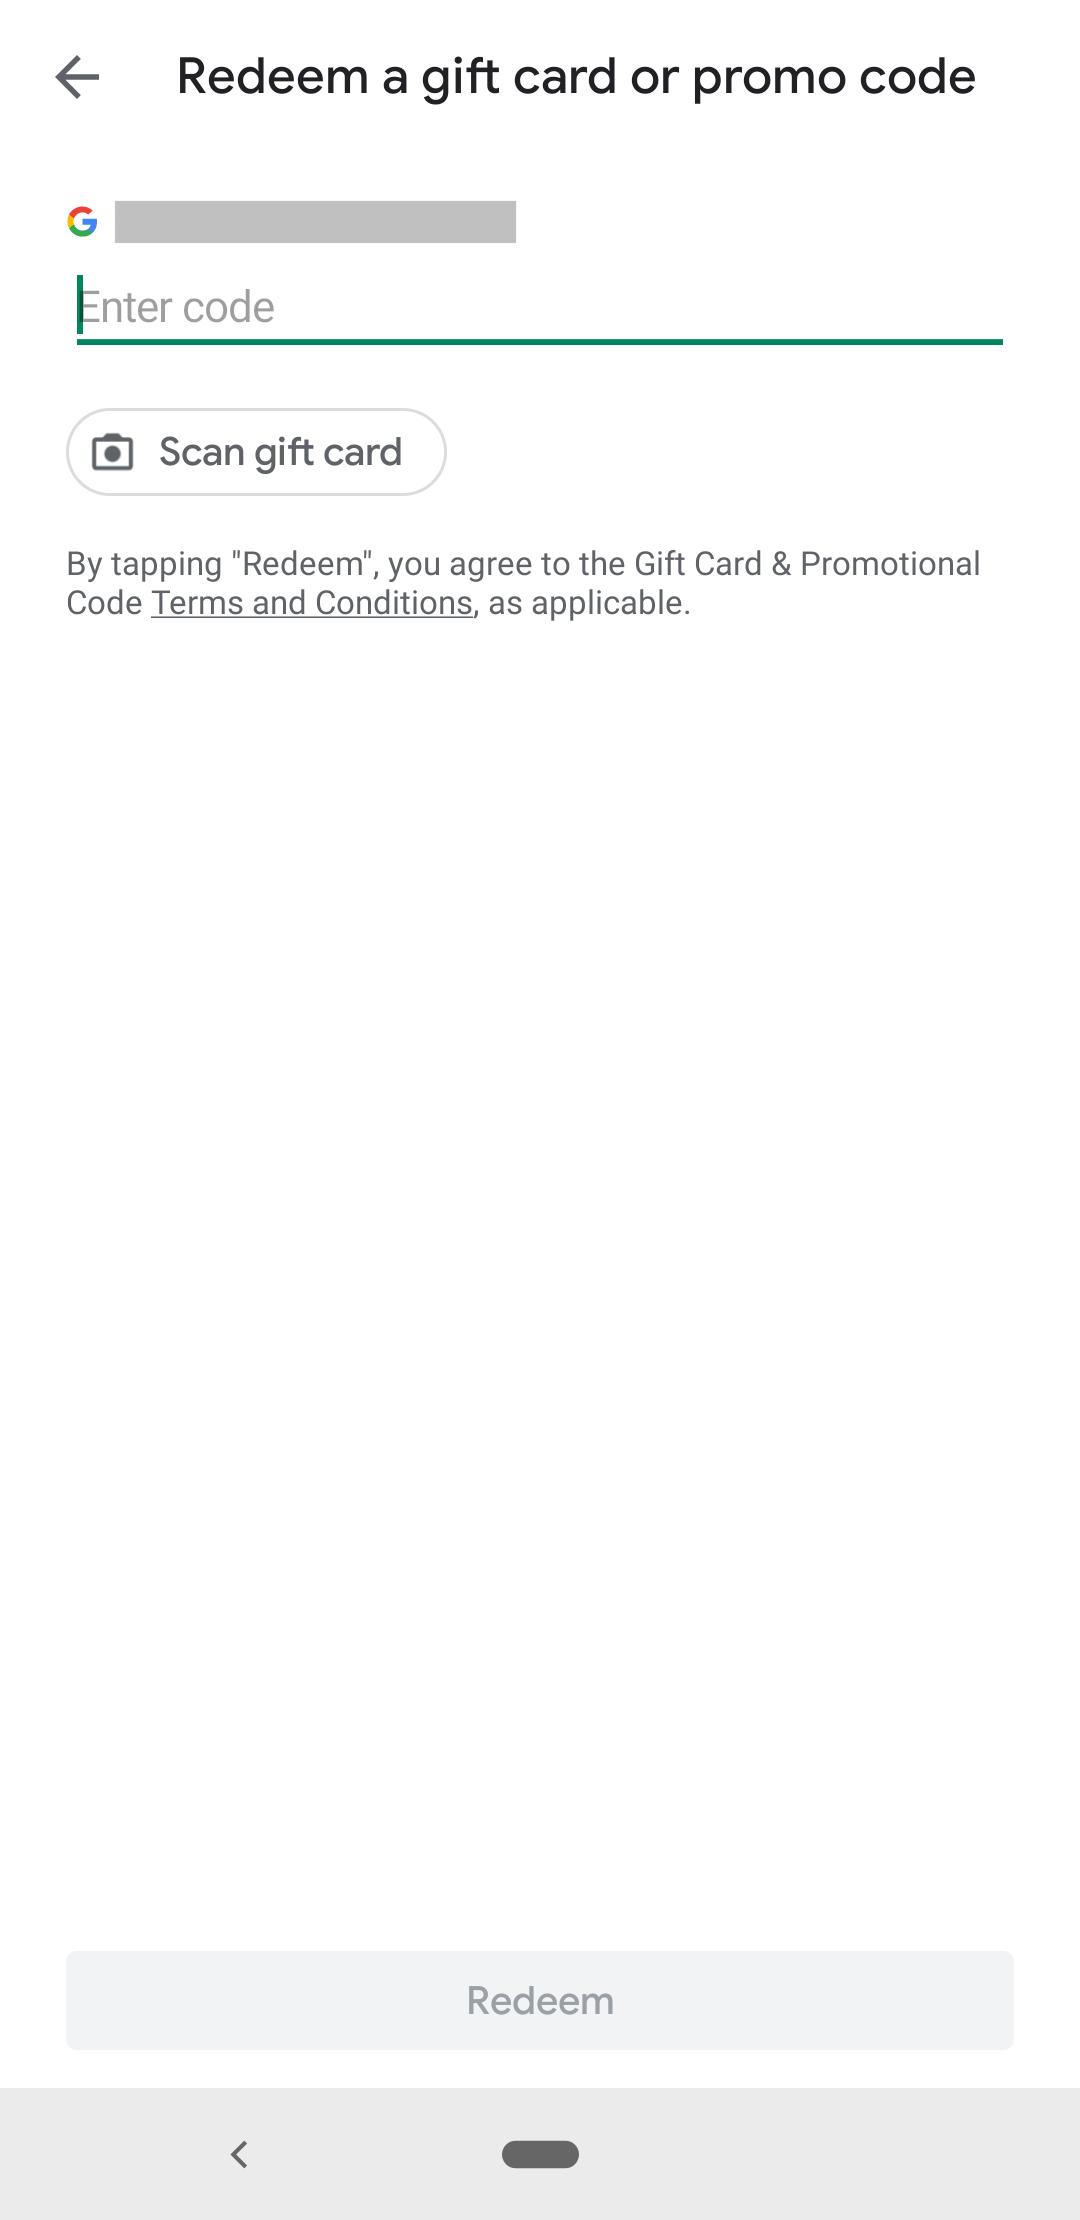 프로모션 코드 화면